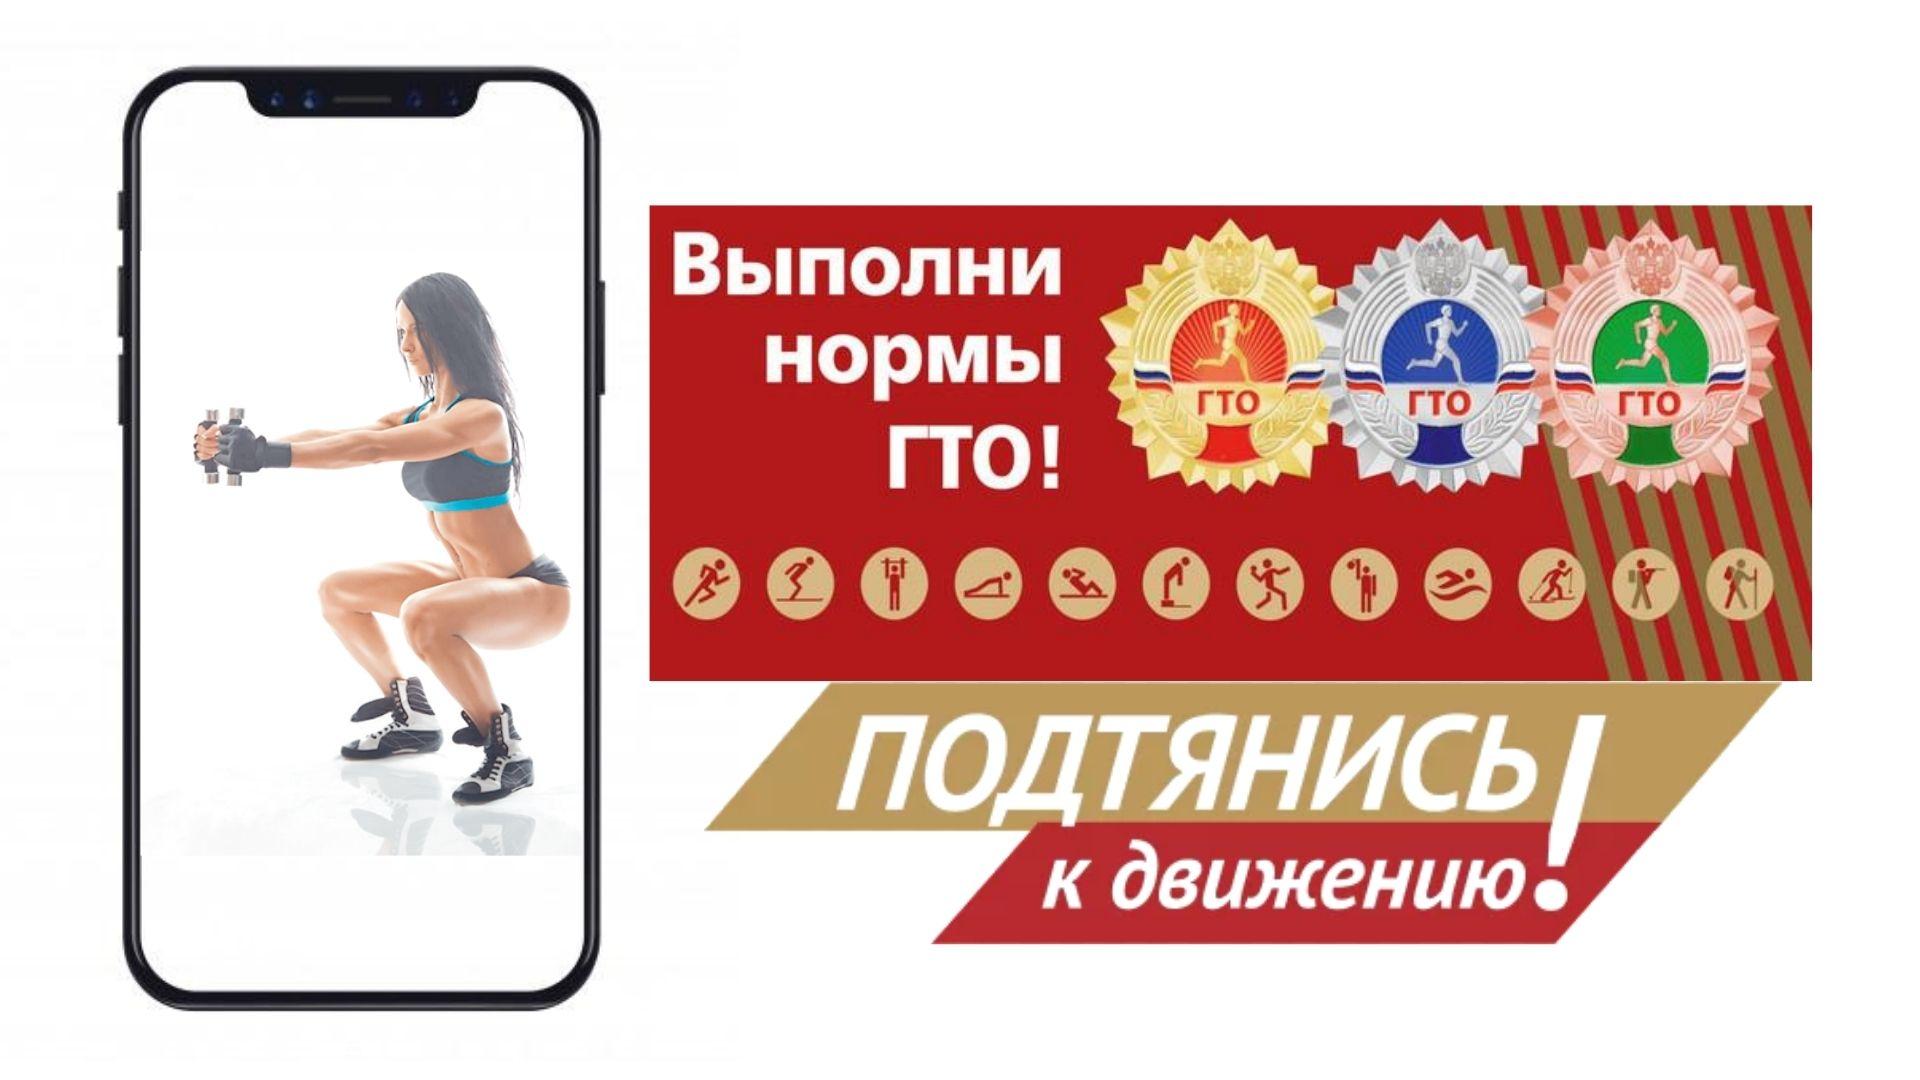 Приложения для занятий спортом